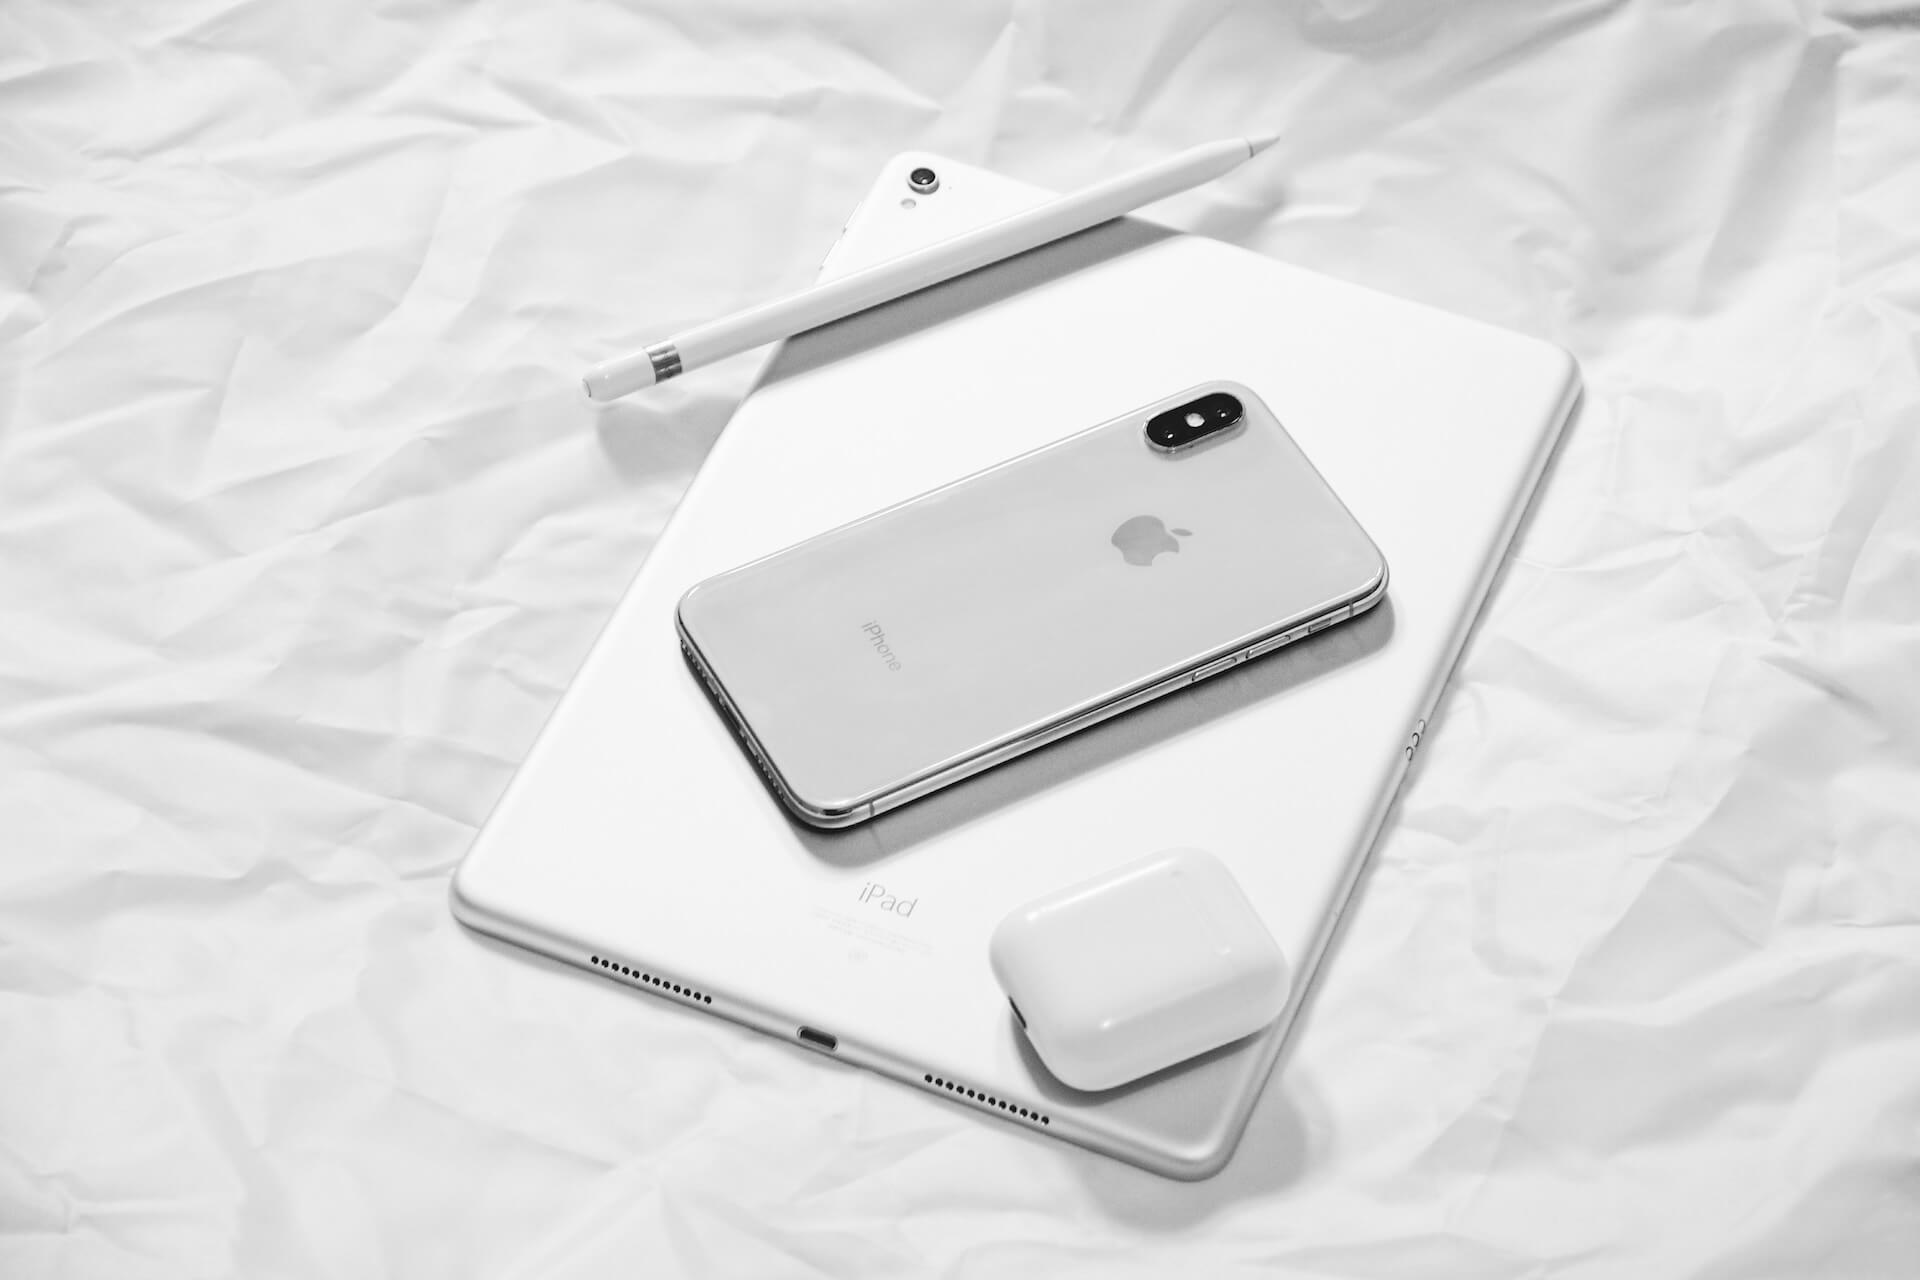 Apple、今年上半期中に新型iPad、MacBook Proなど発表?iPhoneを充電できるワイヤレス充電マットも登場か tech200130_apple_gadget_main